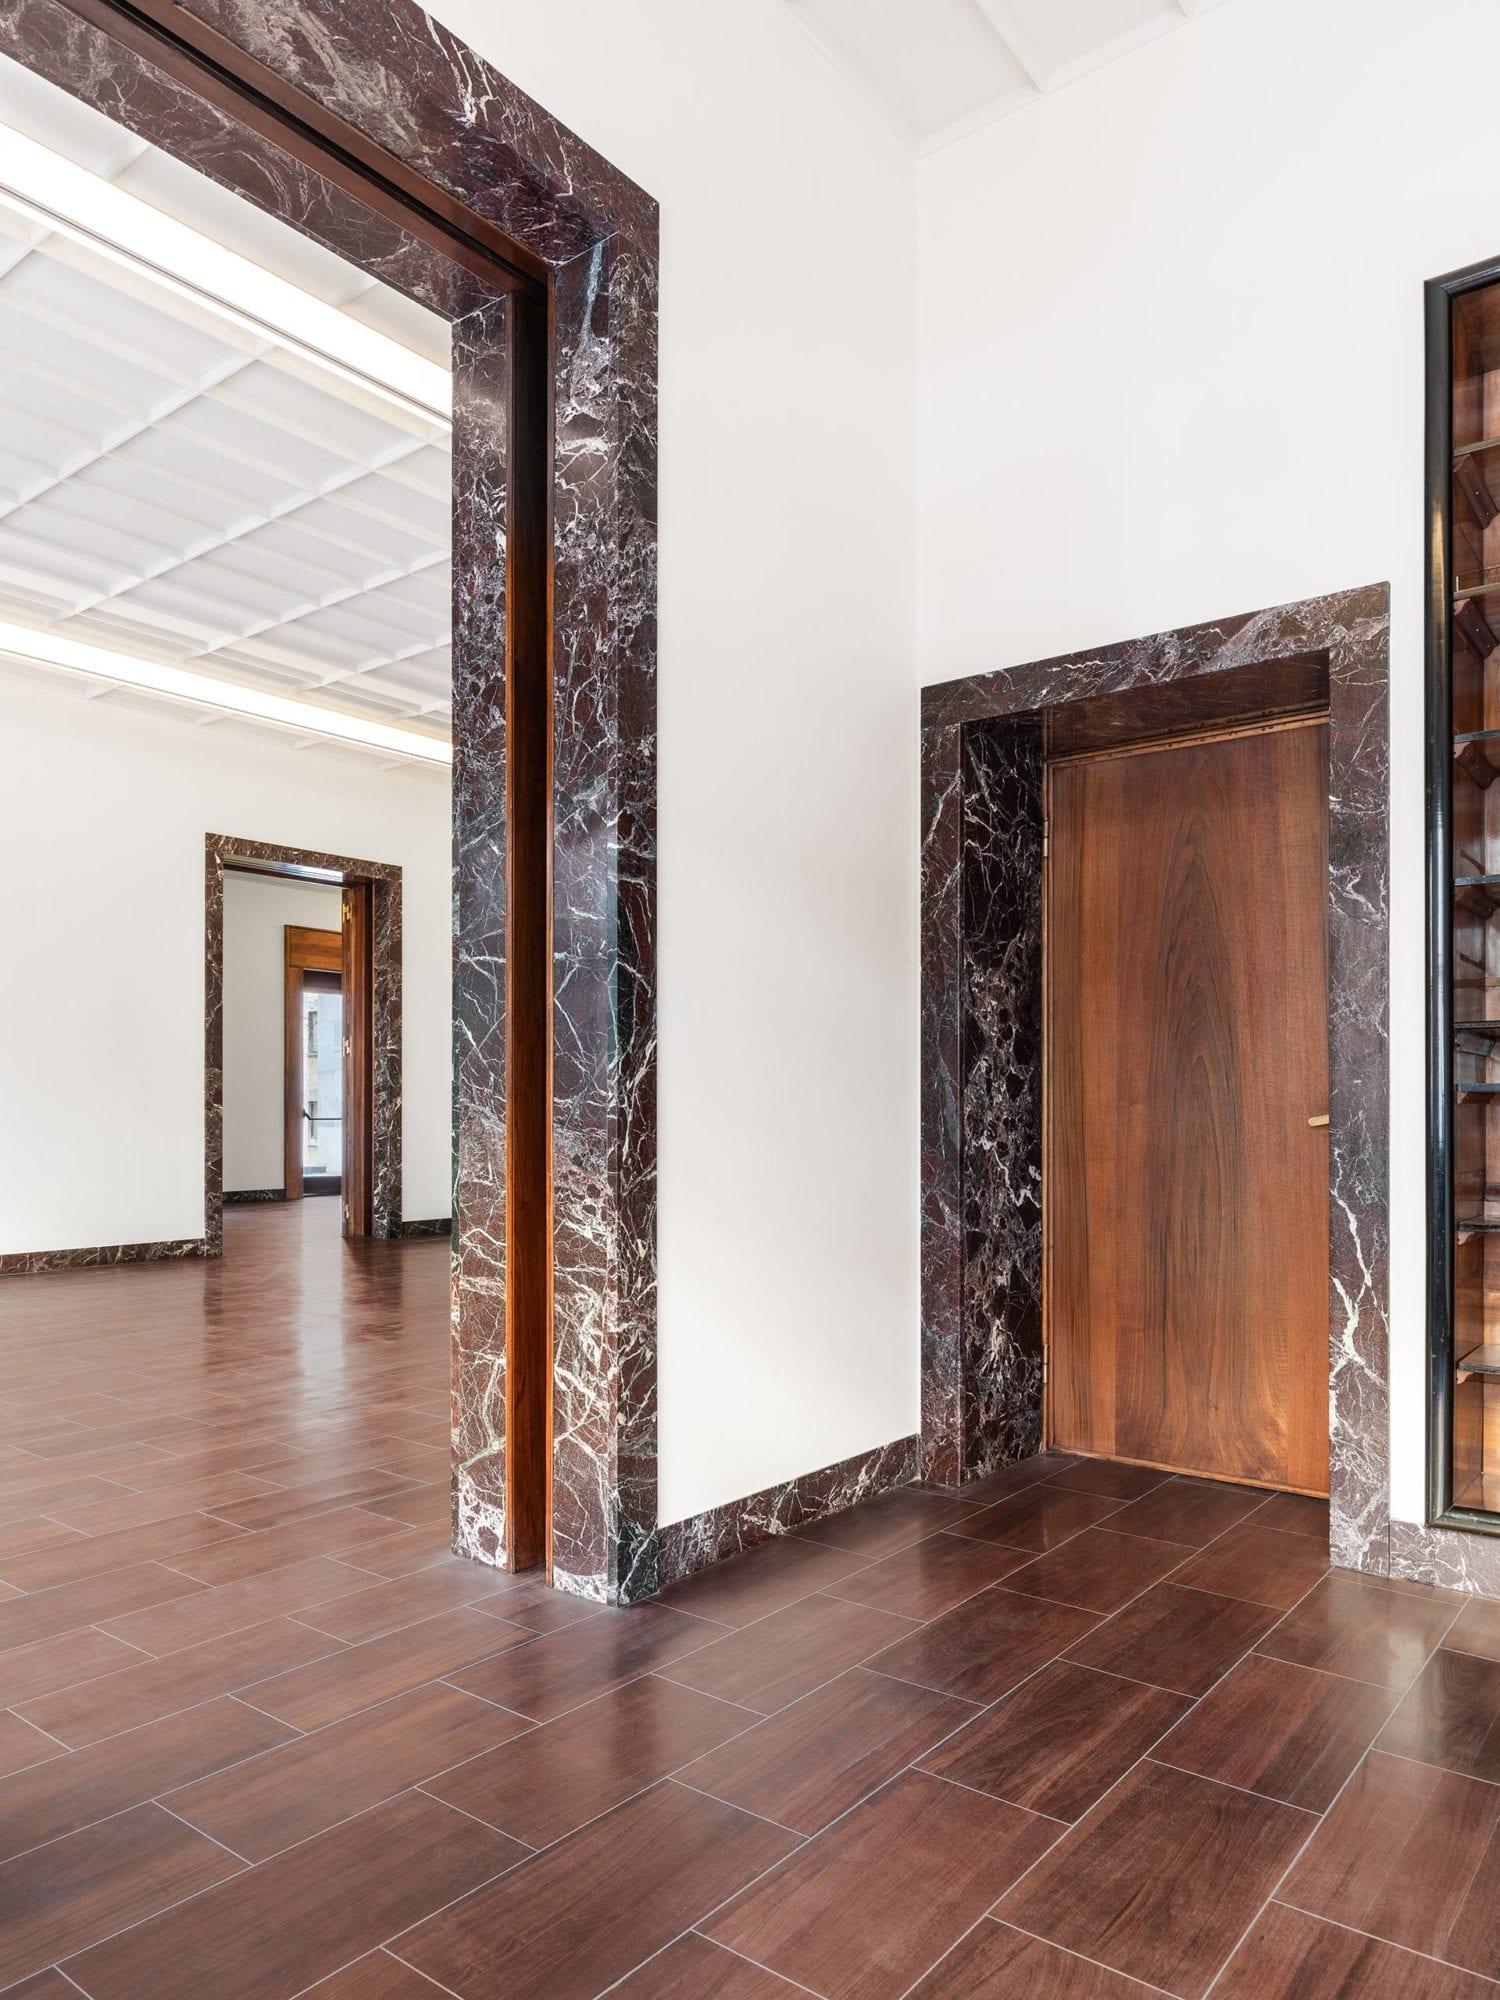 1930s Piero Portaluppi Milan Apartment Transformed Into Massimo De Carlo Gallery By Studio Binocle And Antonio Citterio   Yellowtrace